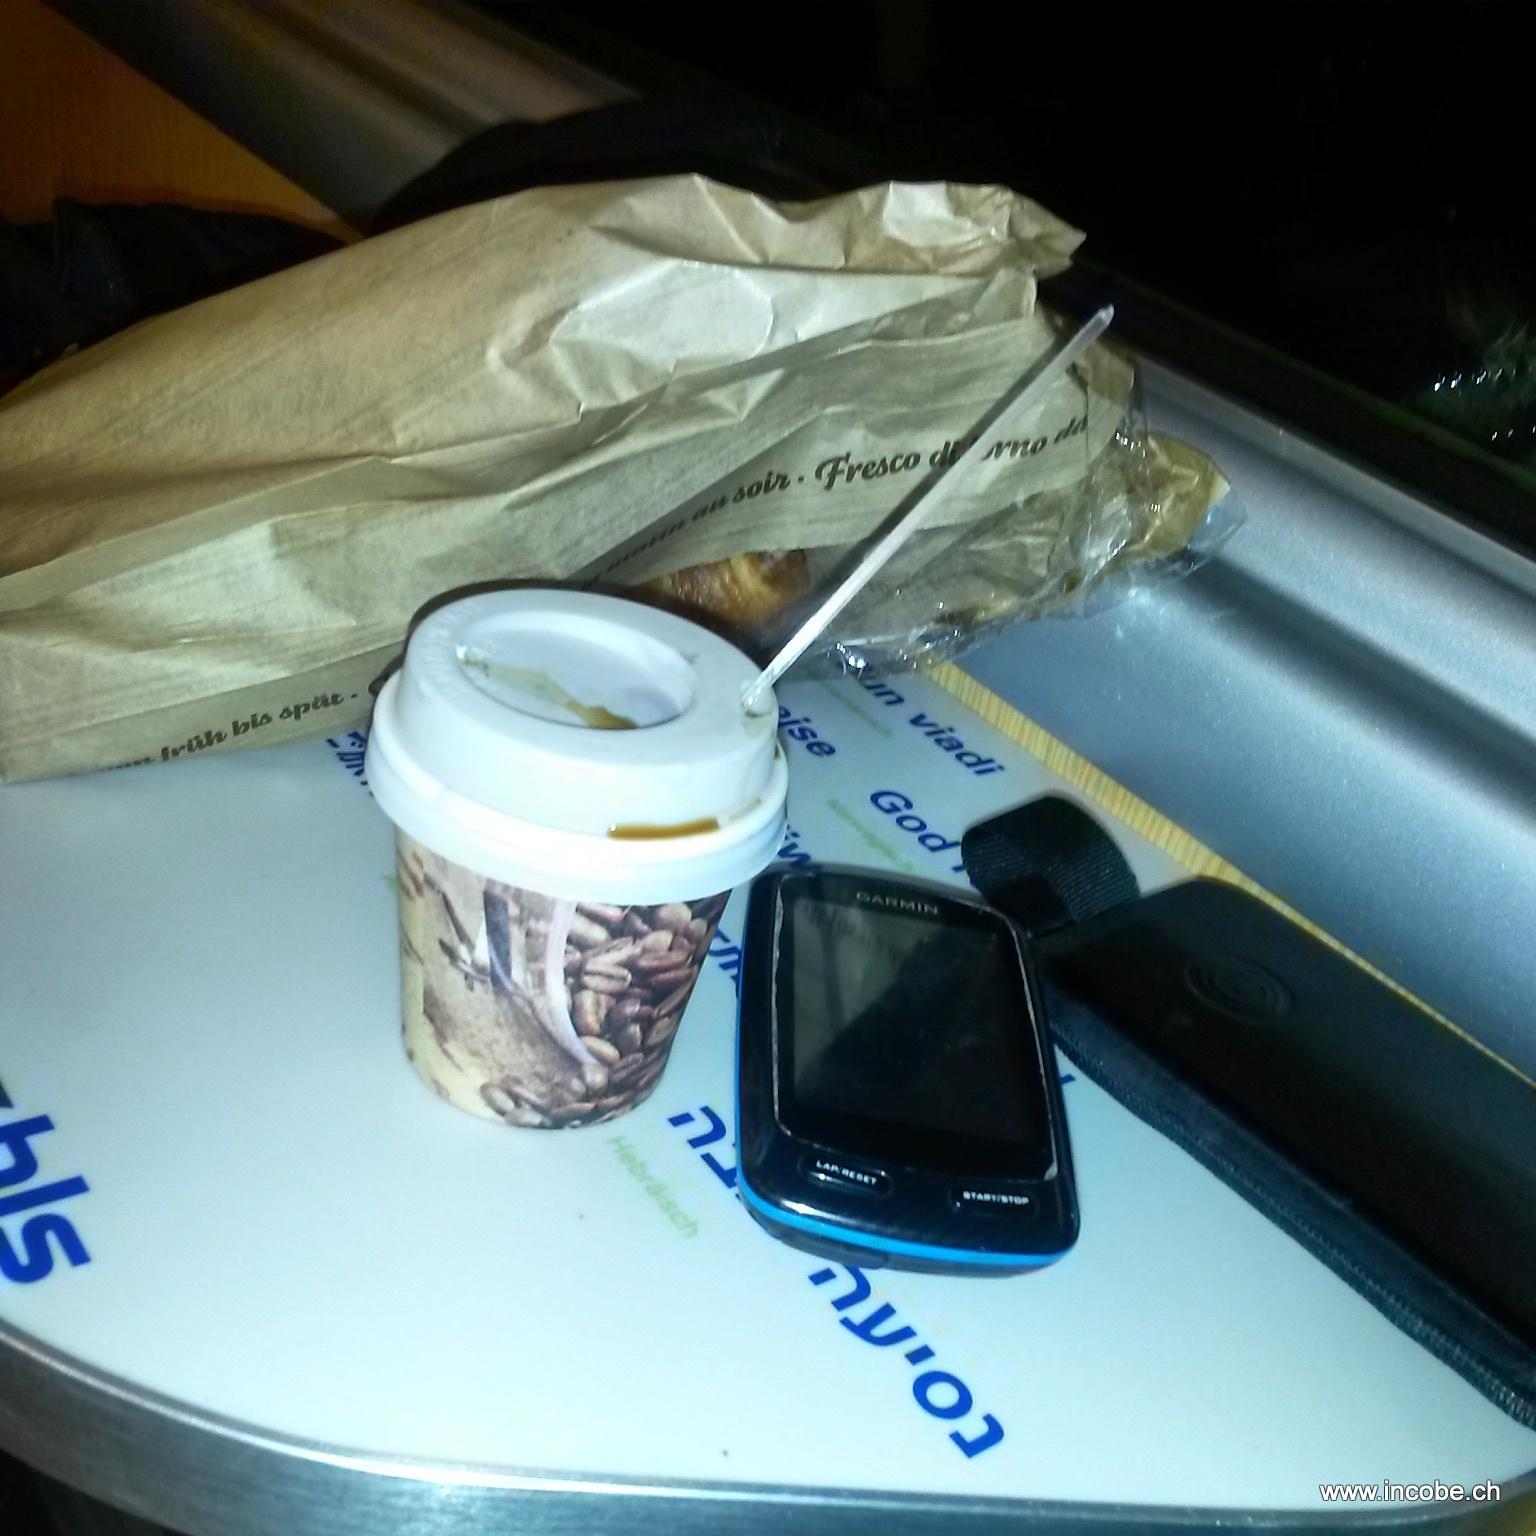 Kaffee und Gipeli müssen sein